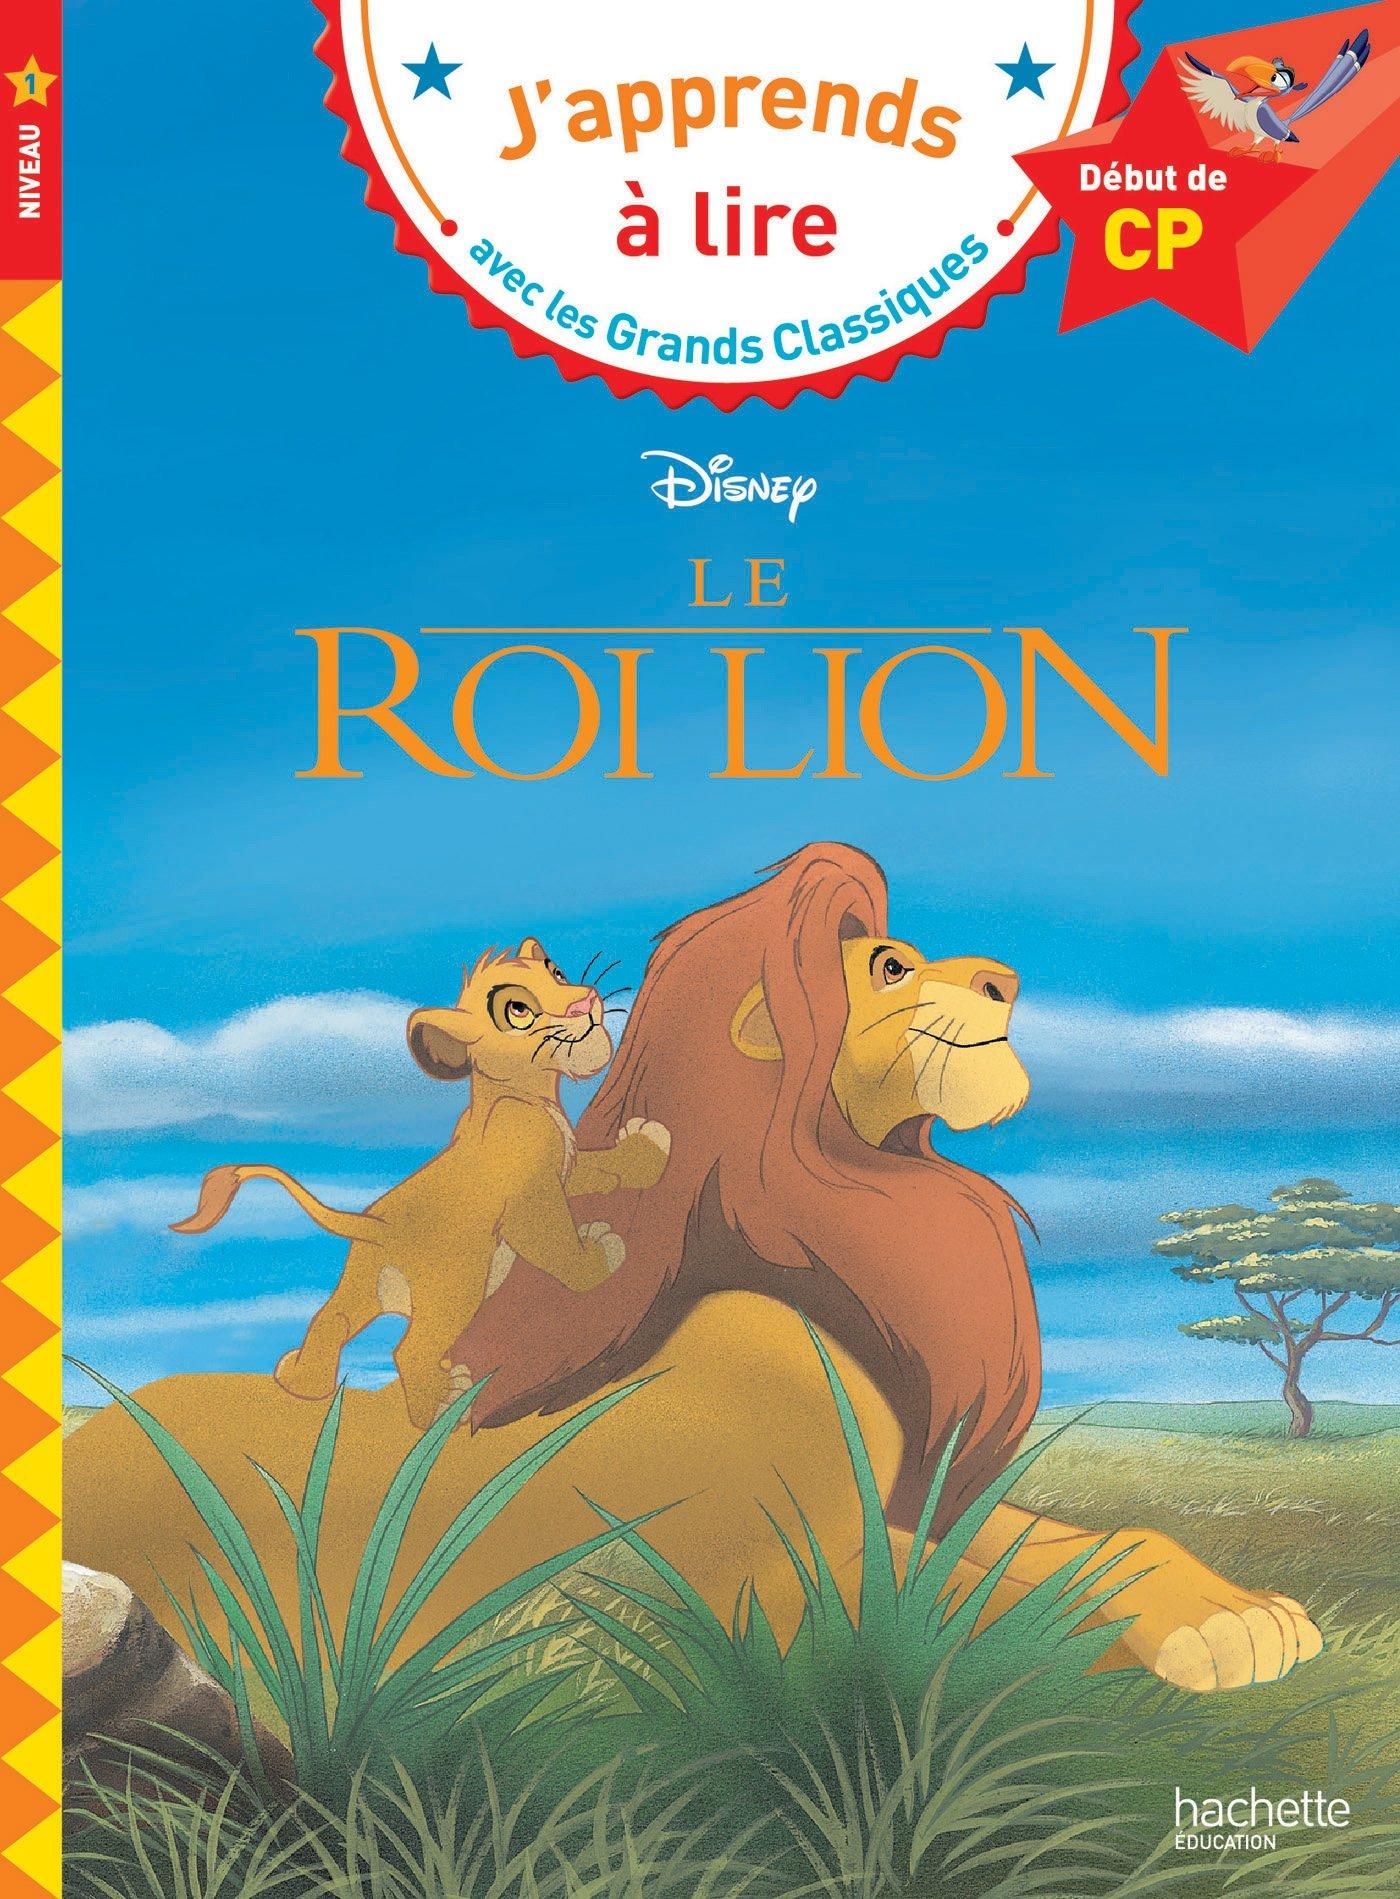 Le Roi Lion CP Niveau 1: Le roi lion (CP 1) (Disney): Amazon ...